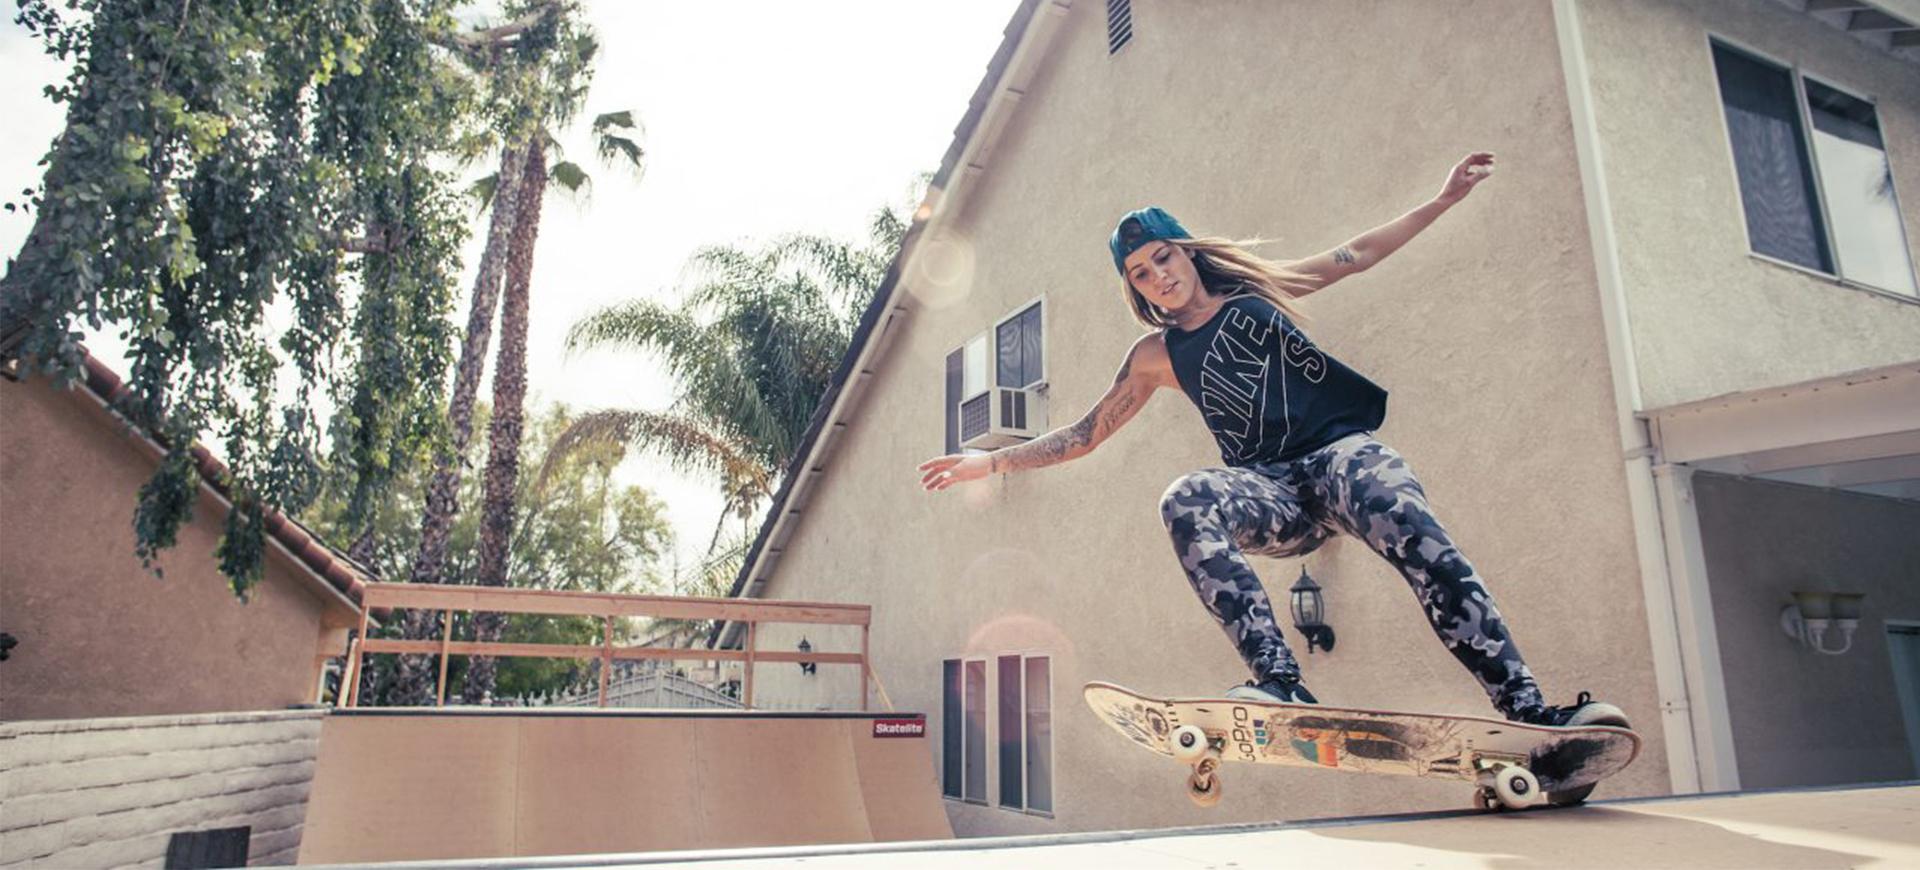 skatepark privado